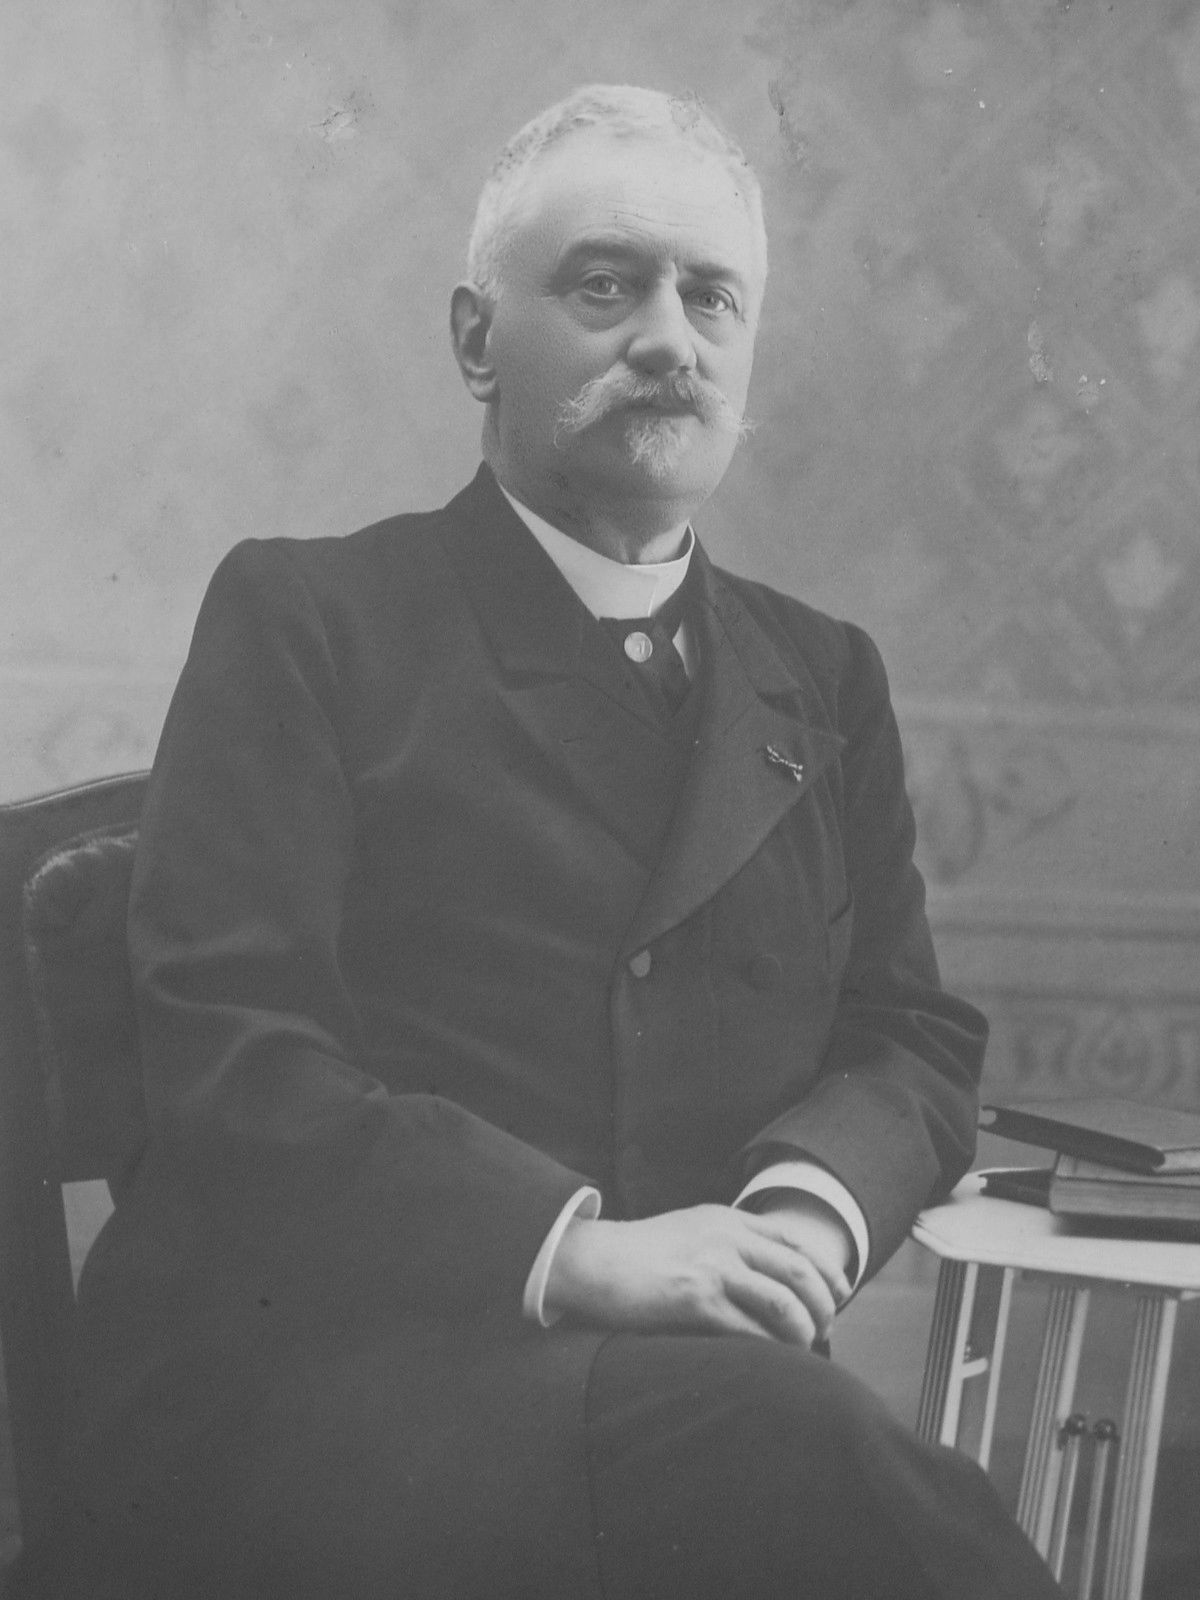 Burgemeester Van der Lely